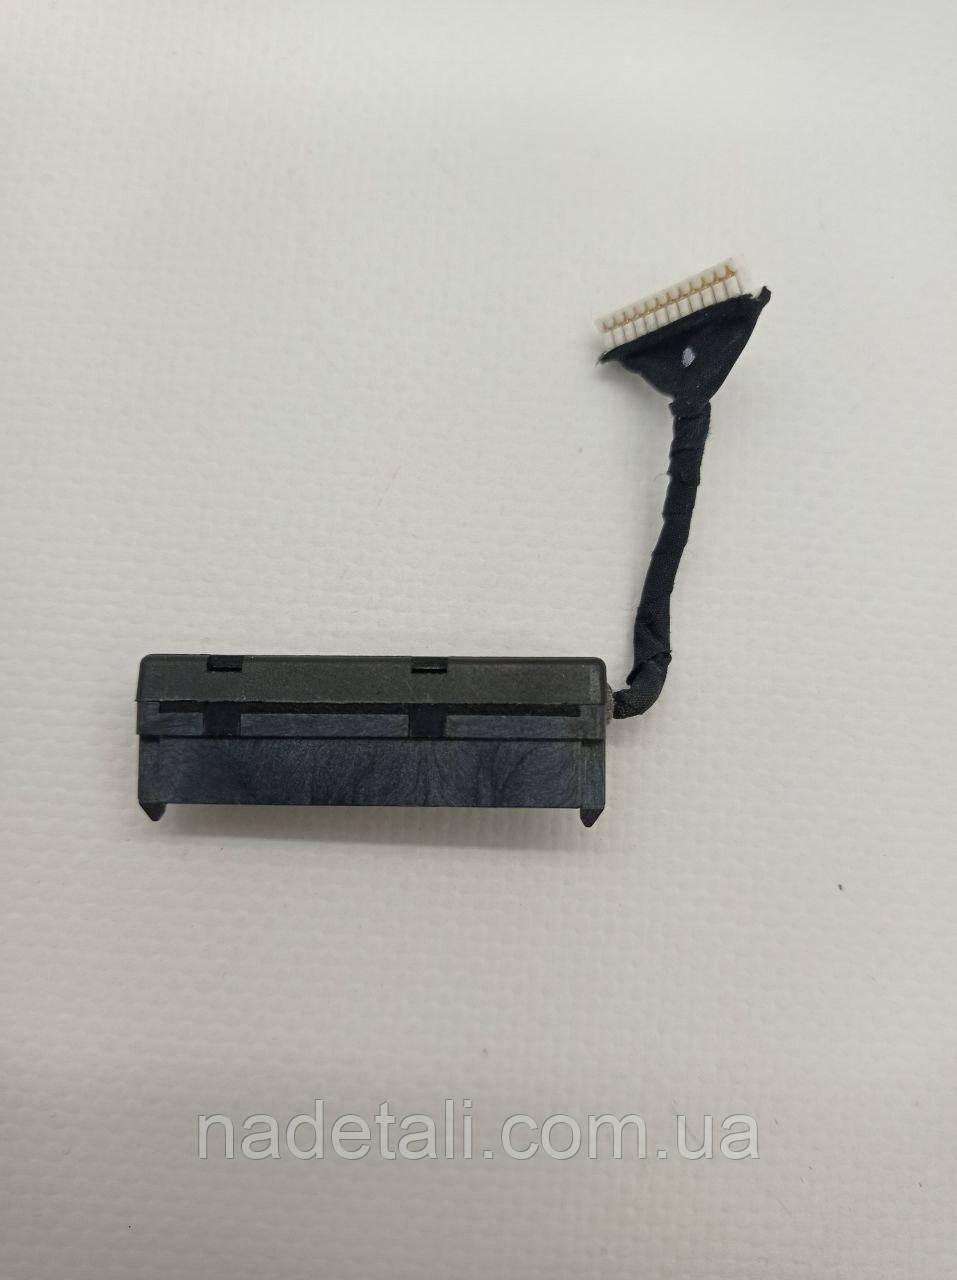 Шлейф HDD Samsung Q530